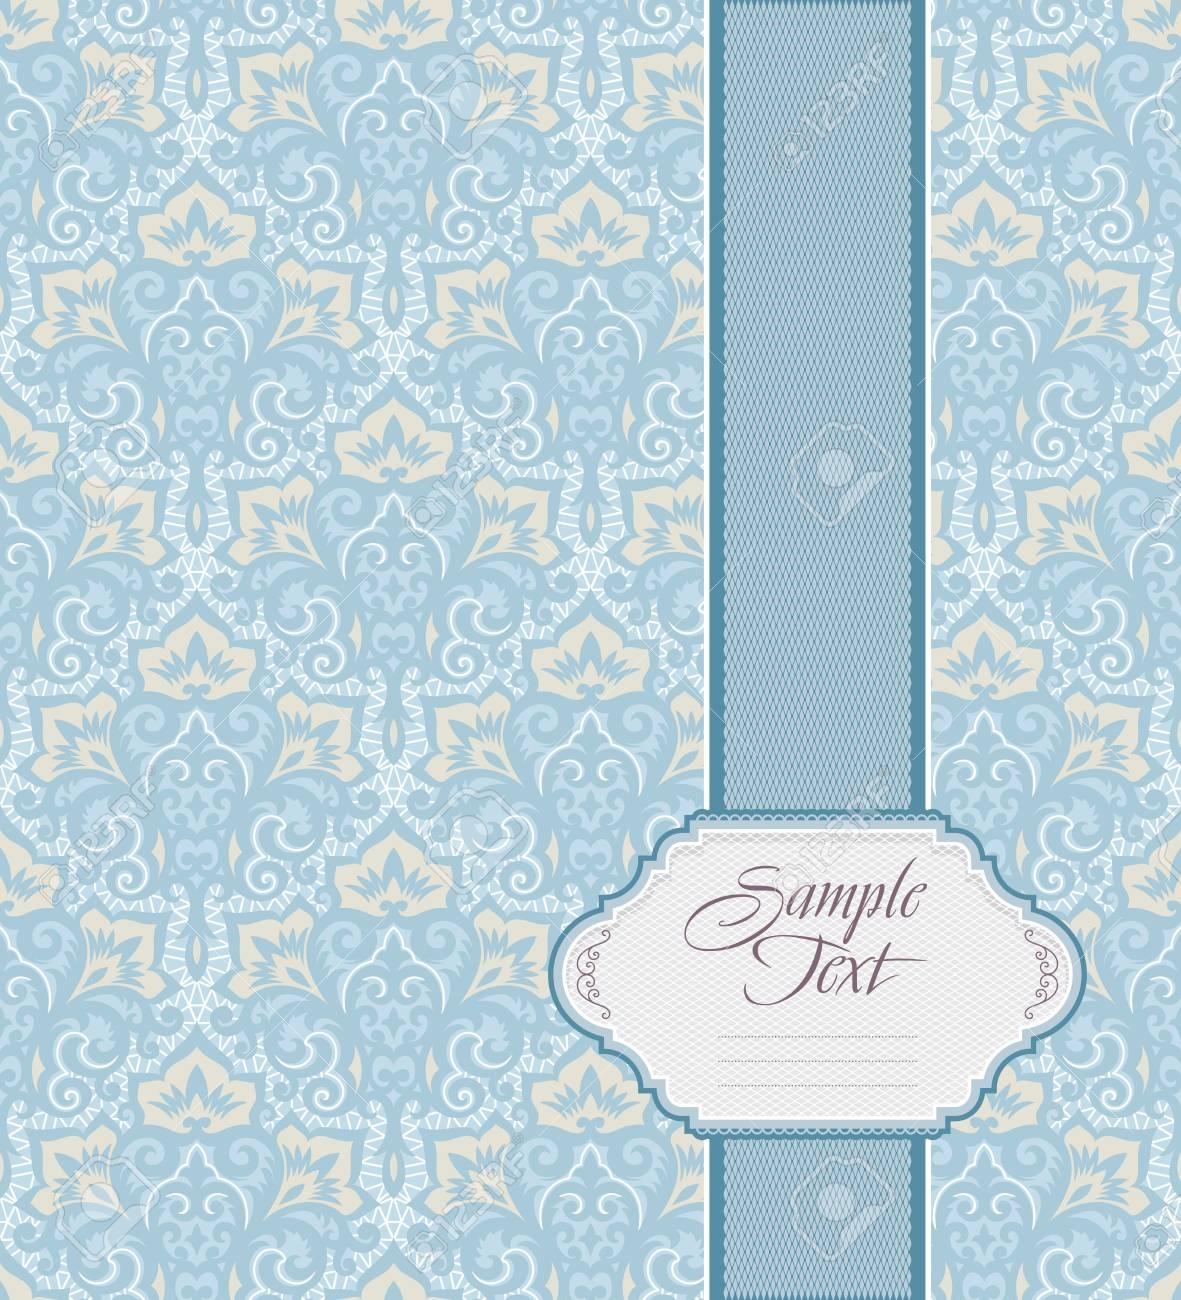 ベクター飾り おしゃれなモダンな壁紙やテキスタイルからシームレスな背景のイラスト素材 ベクタ Image